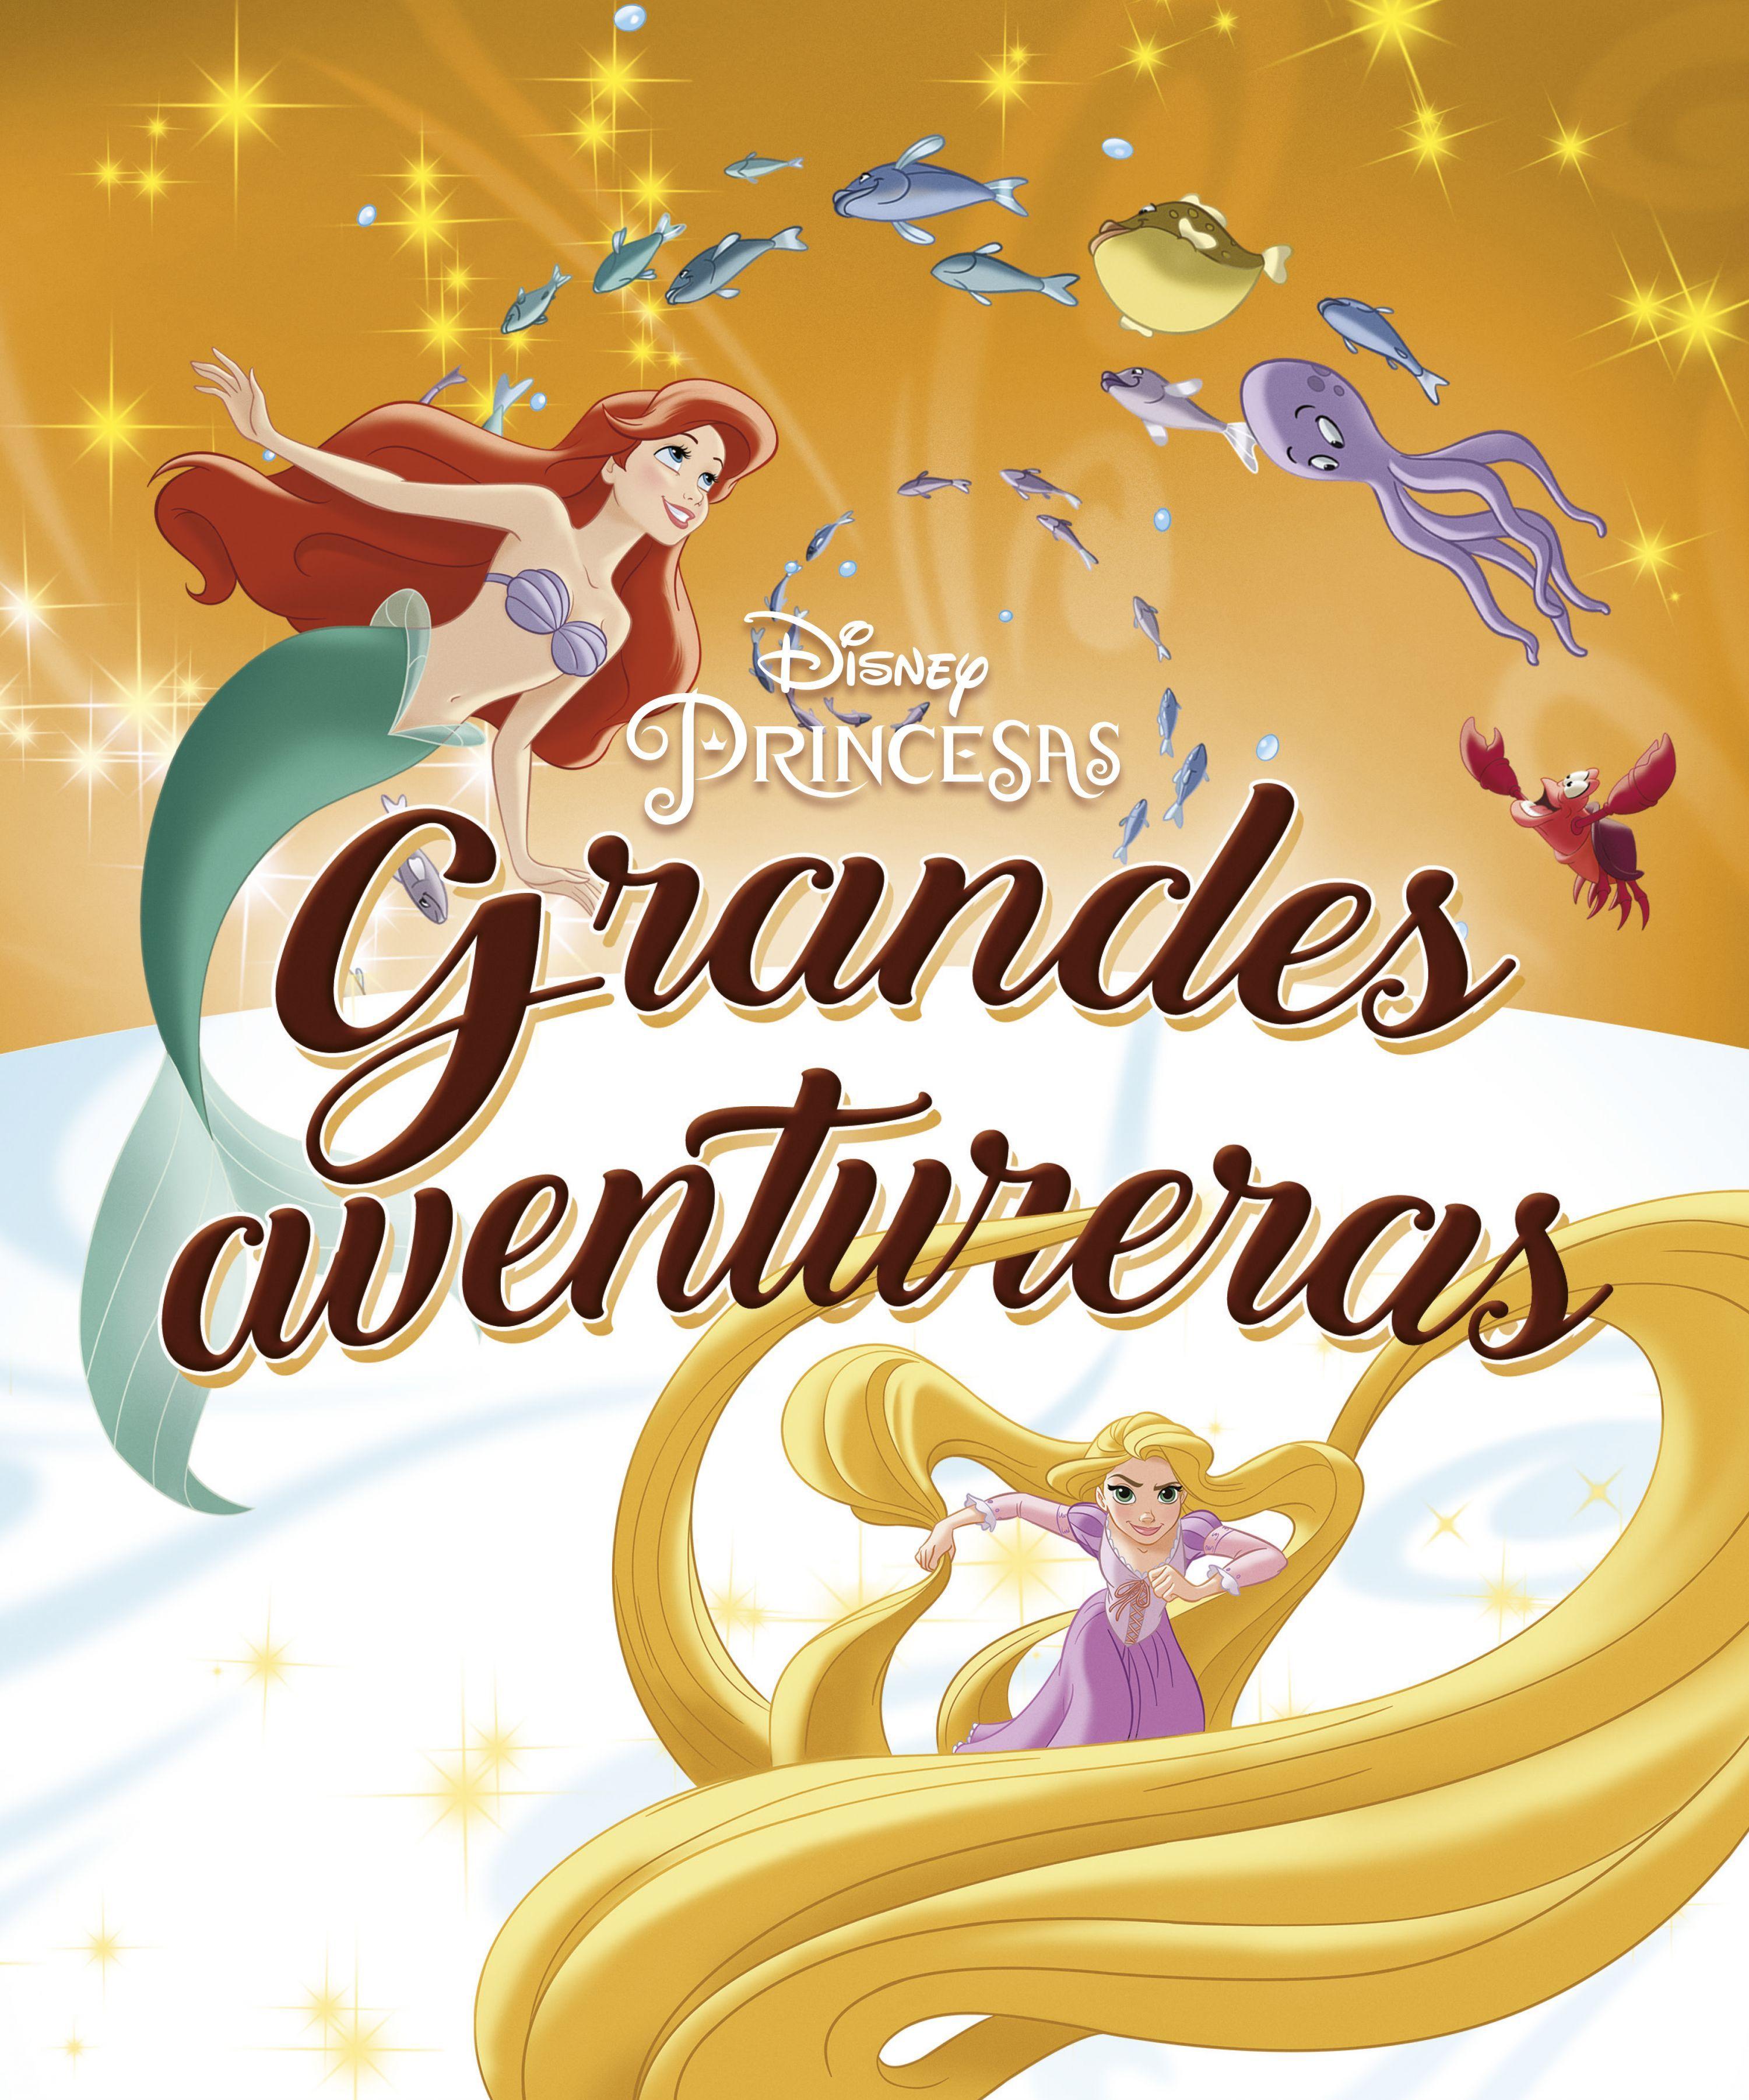 PRINCESAS GRANDES AVENTURERAS